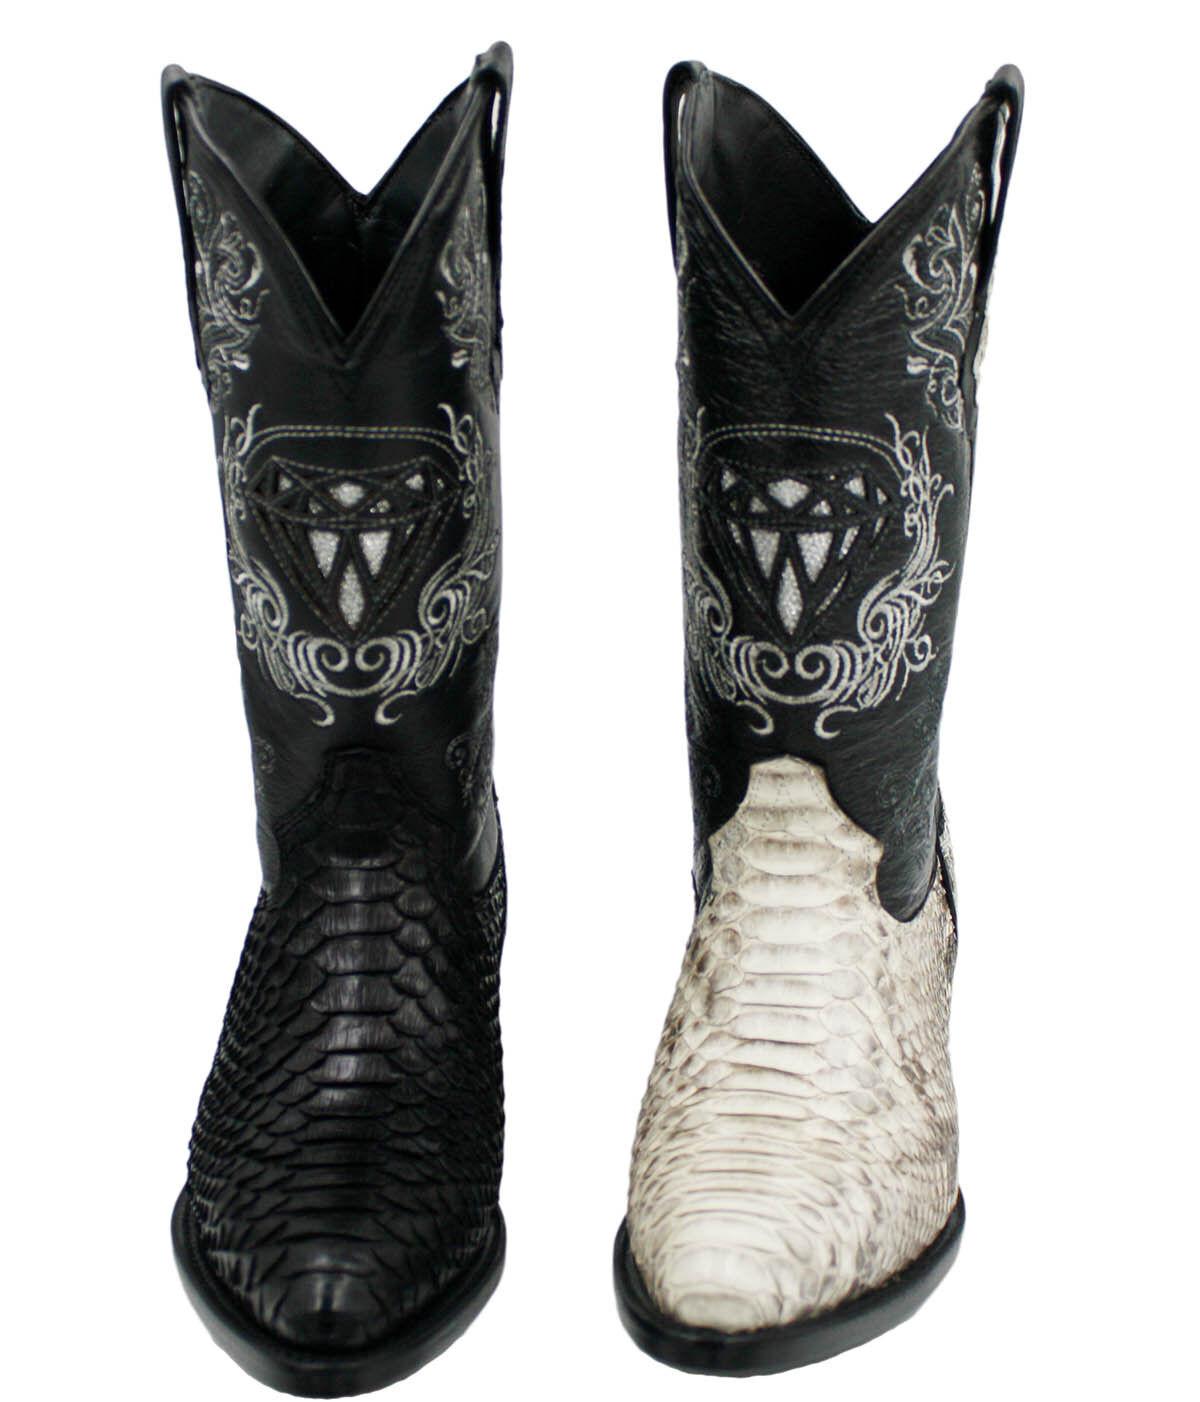 Men's genuine python snake skin cowboy boots western exotic biker J Toe